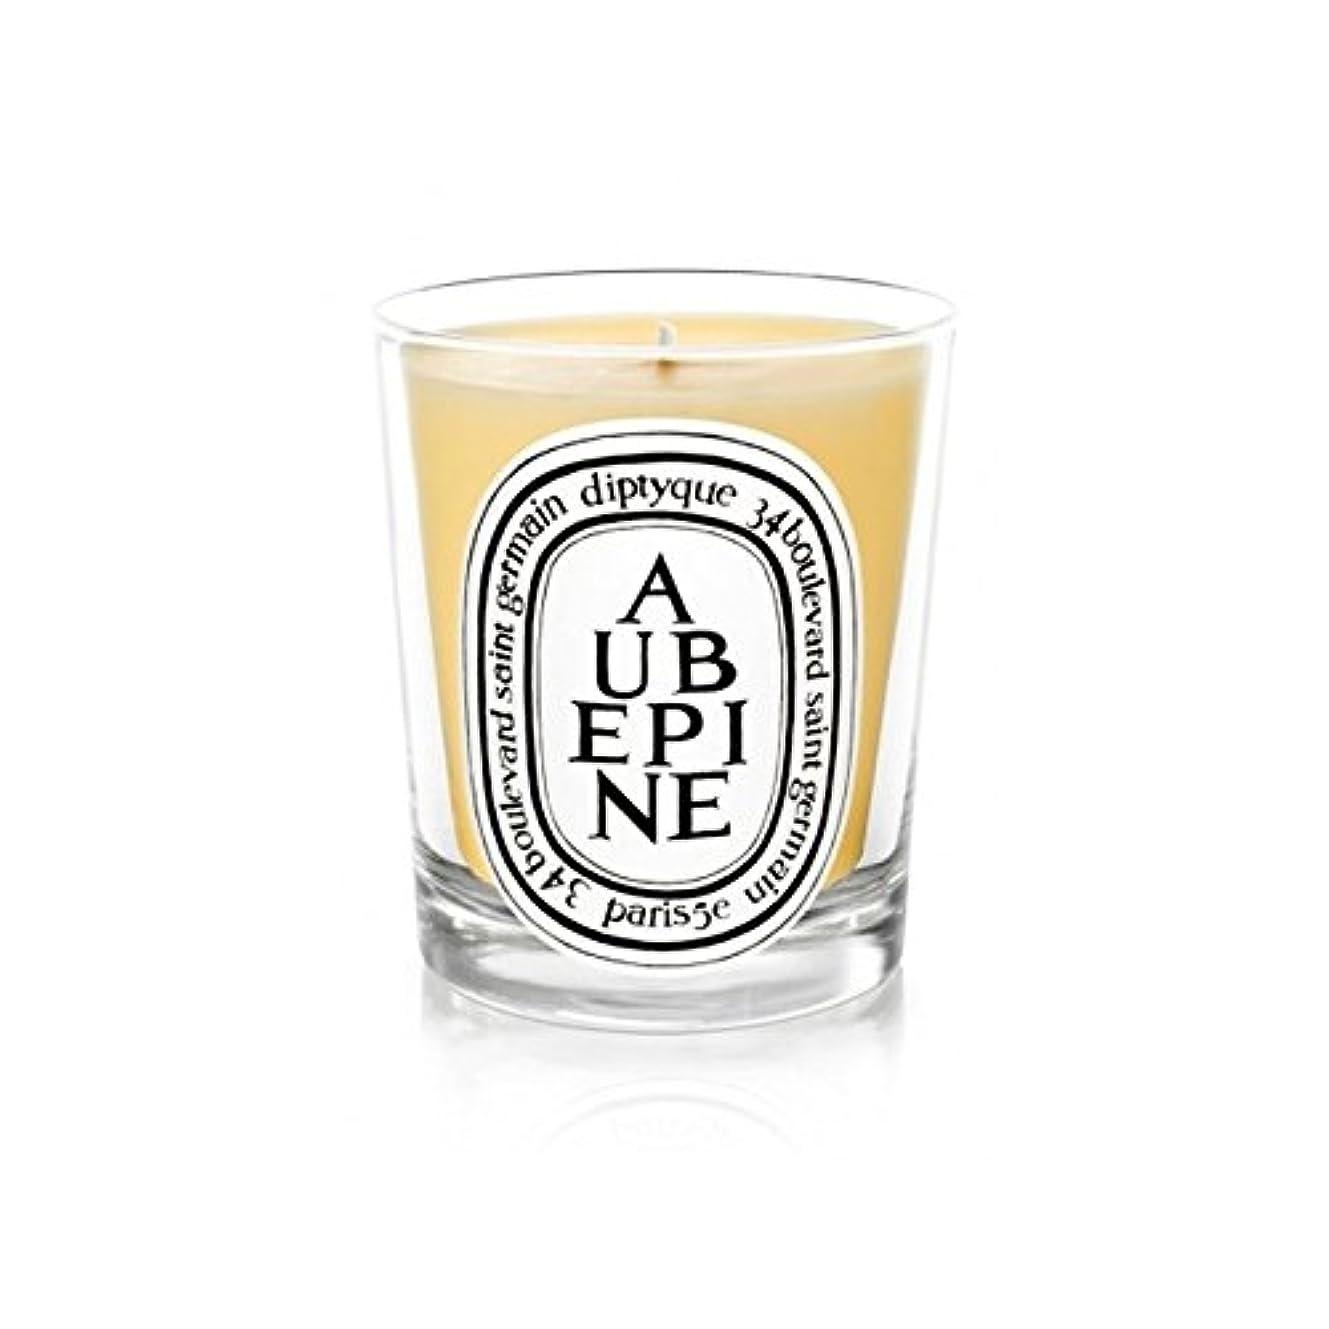 ライラック突っ込む刈り取るDiptyque Candle Aub?pine / Hawthorn 190g (Pack of 6) - DiptyqueキャンドルAub?pine/サンザシ190グラム (x6) [並行輸入品]